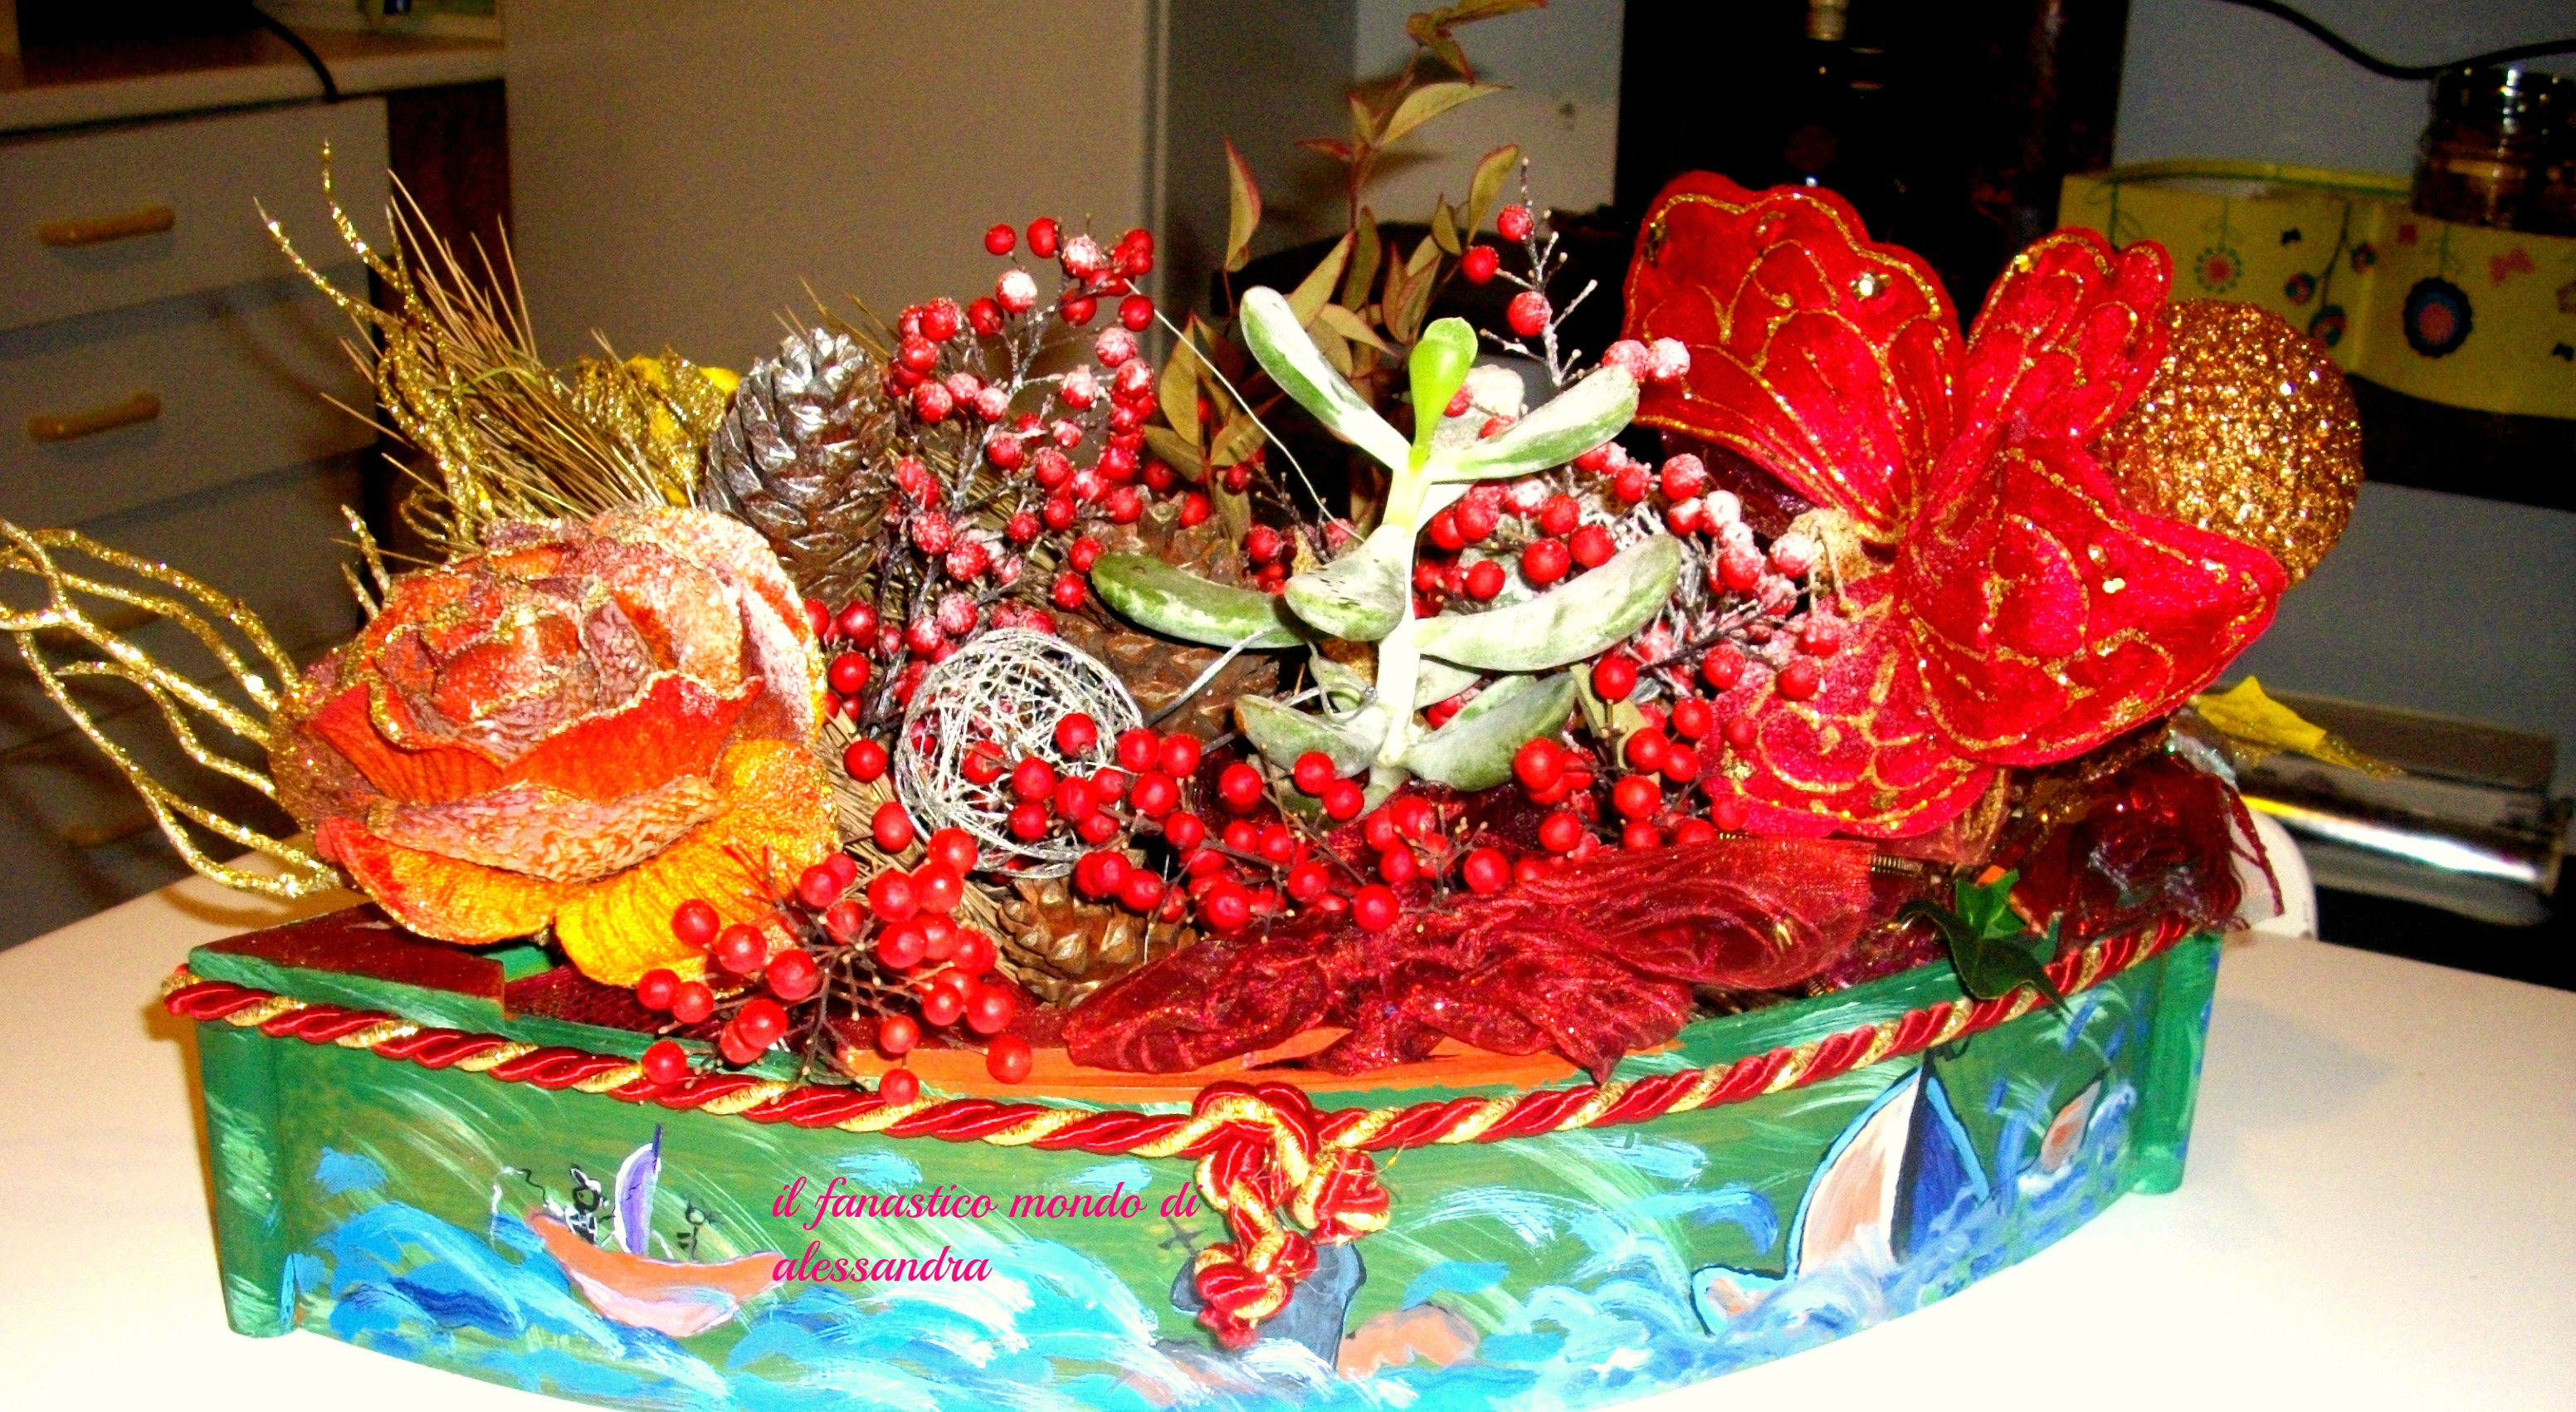 Centrotavola fai da te natalizio il fantastico mondo di alessandra - Centro tavolo fai da te ...